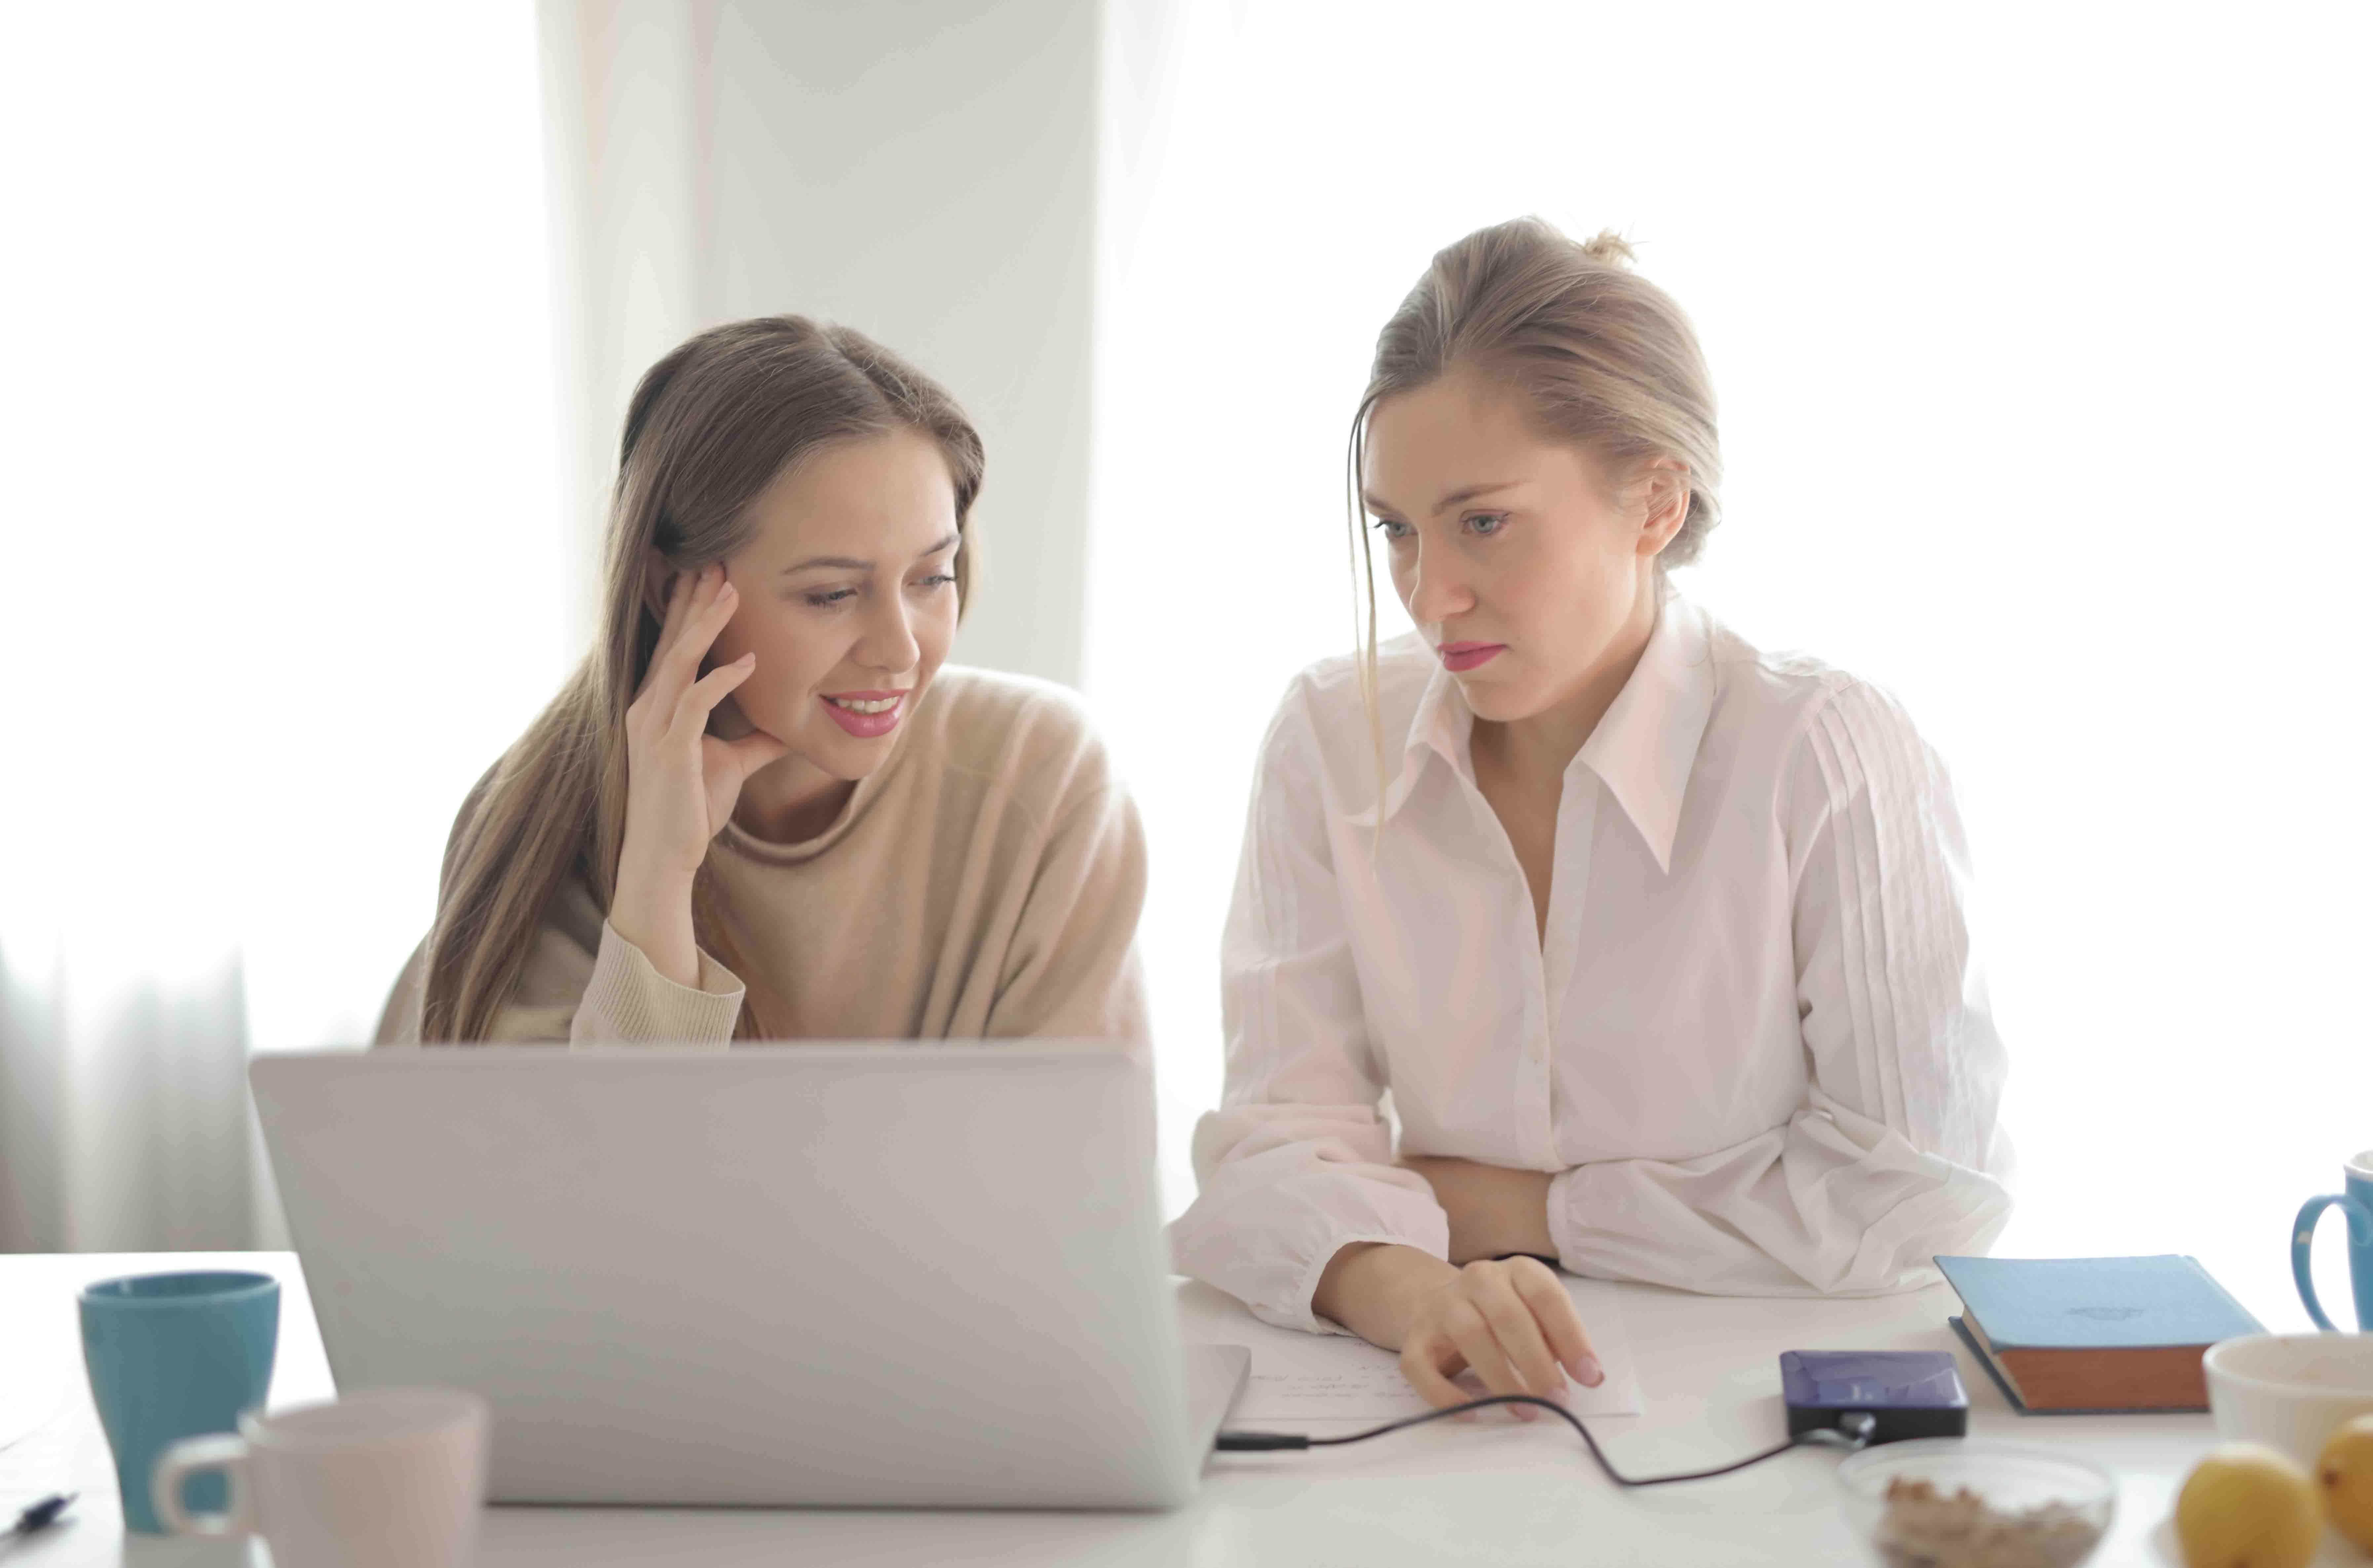 hai người phụ nữ cùng làm việc